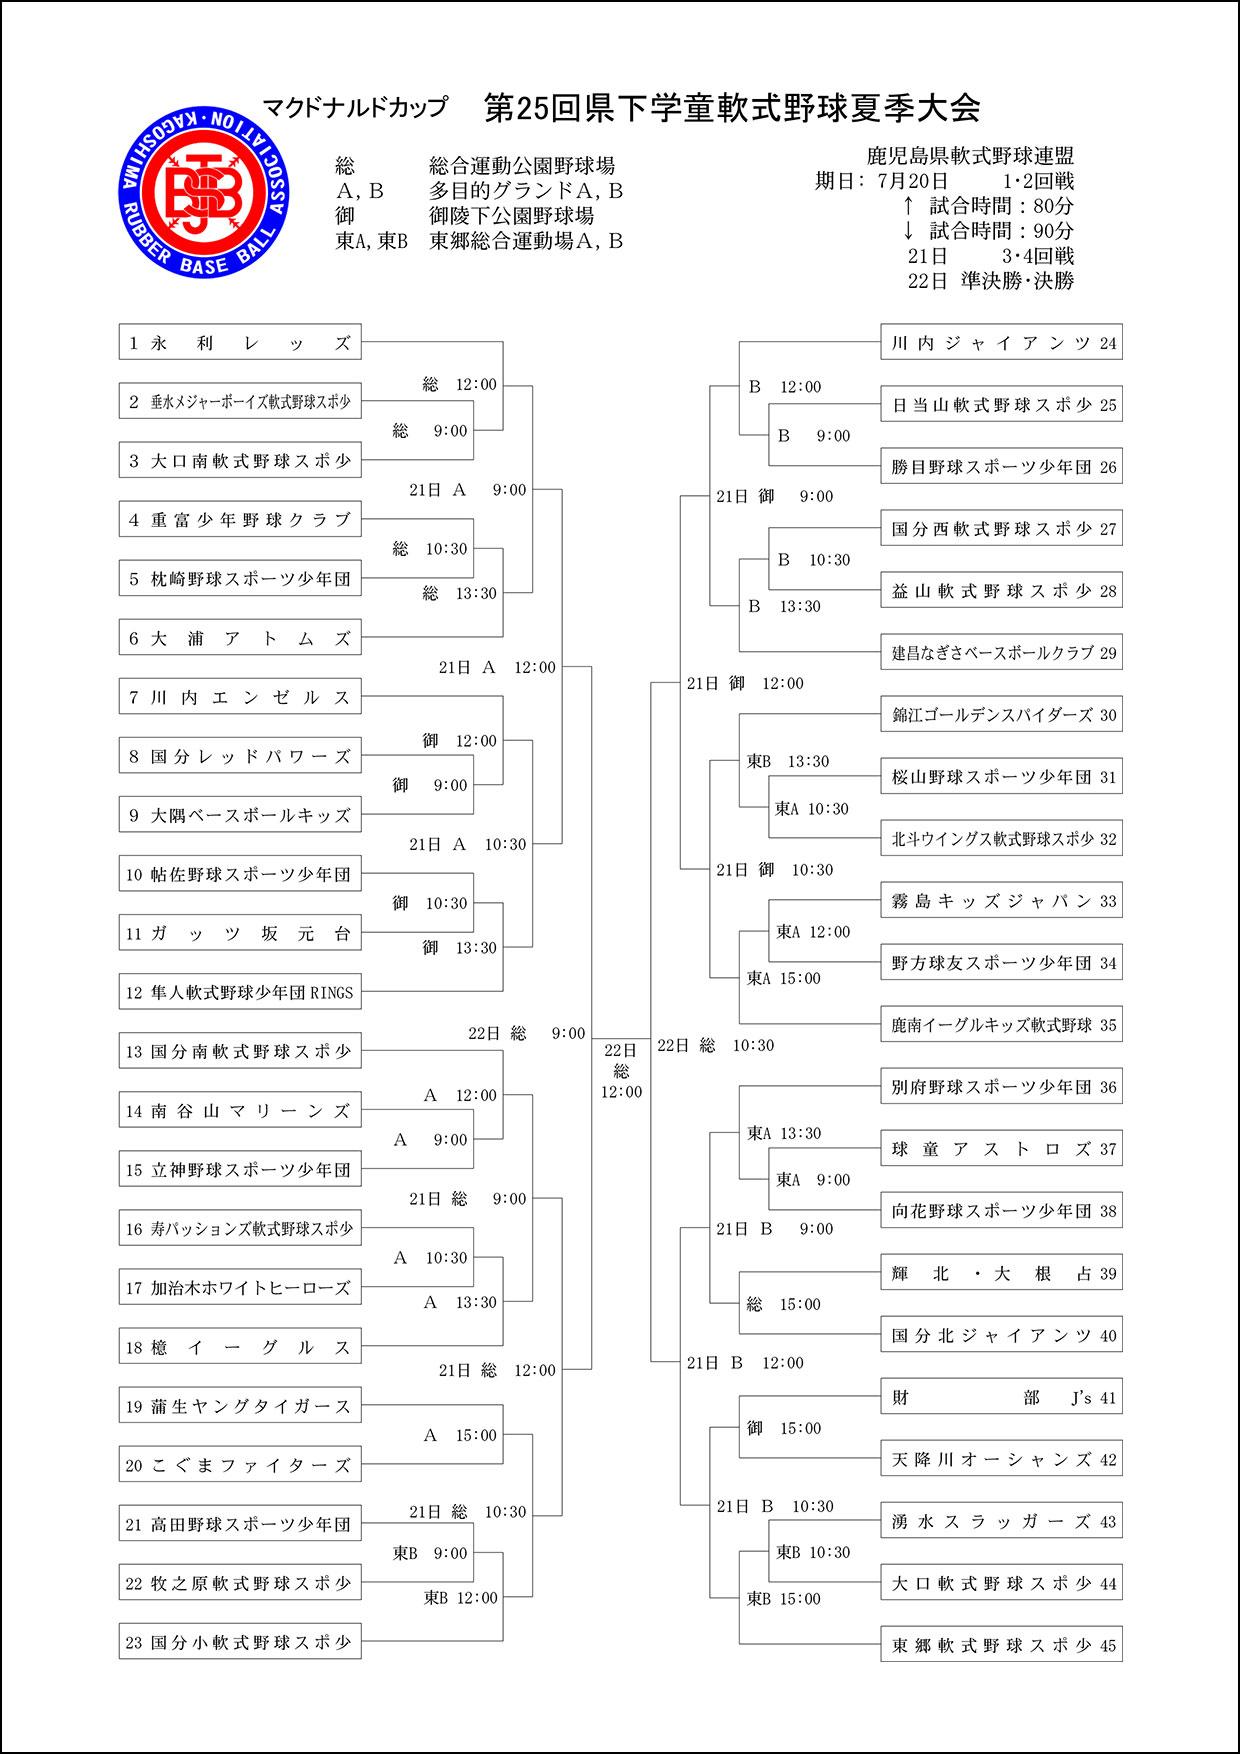 【組合せ】第25回県下学童軟式野球夏季大会